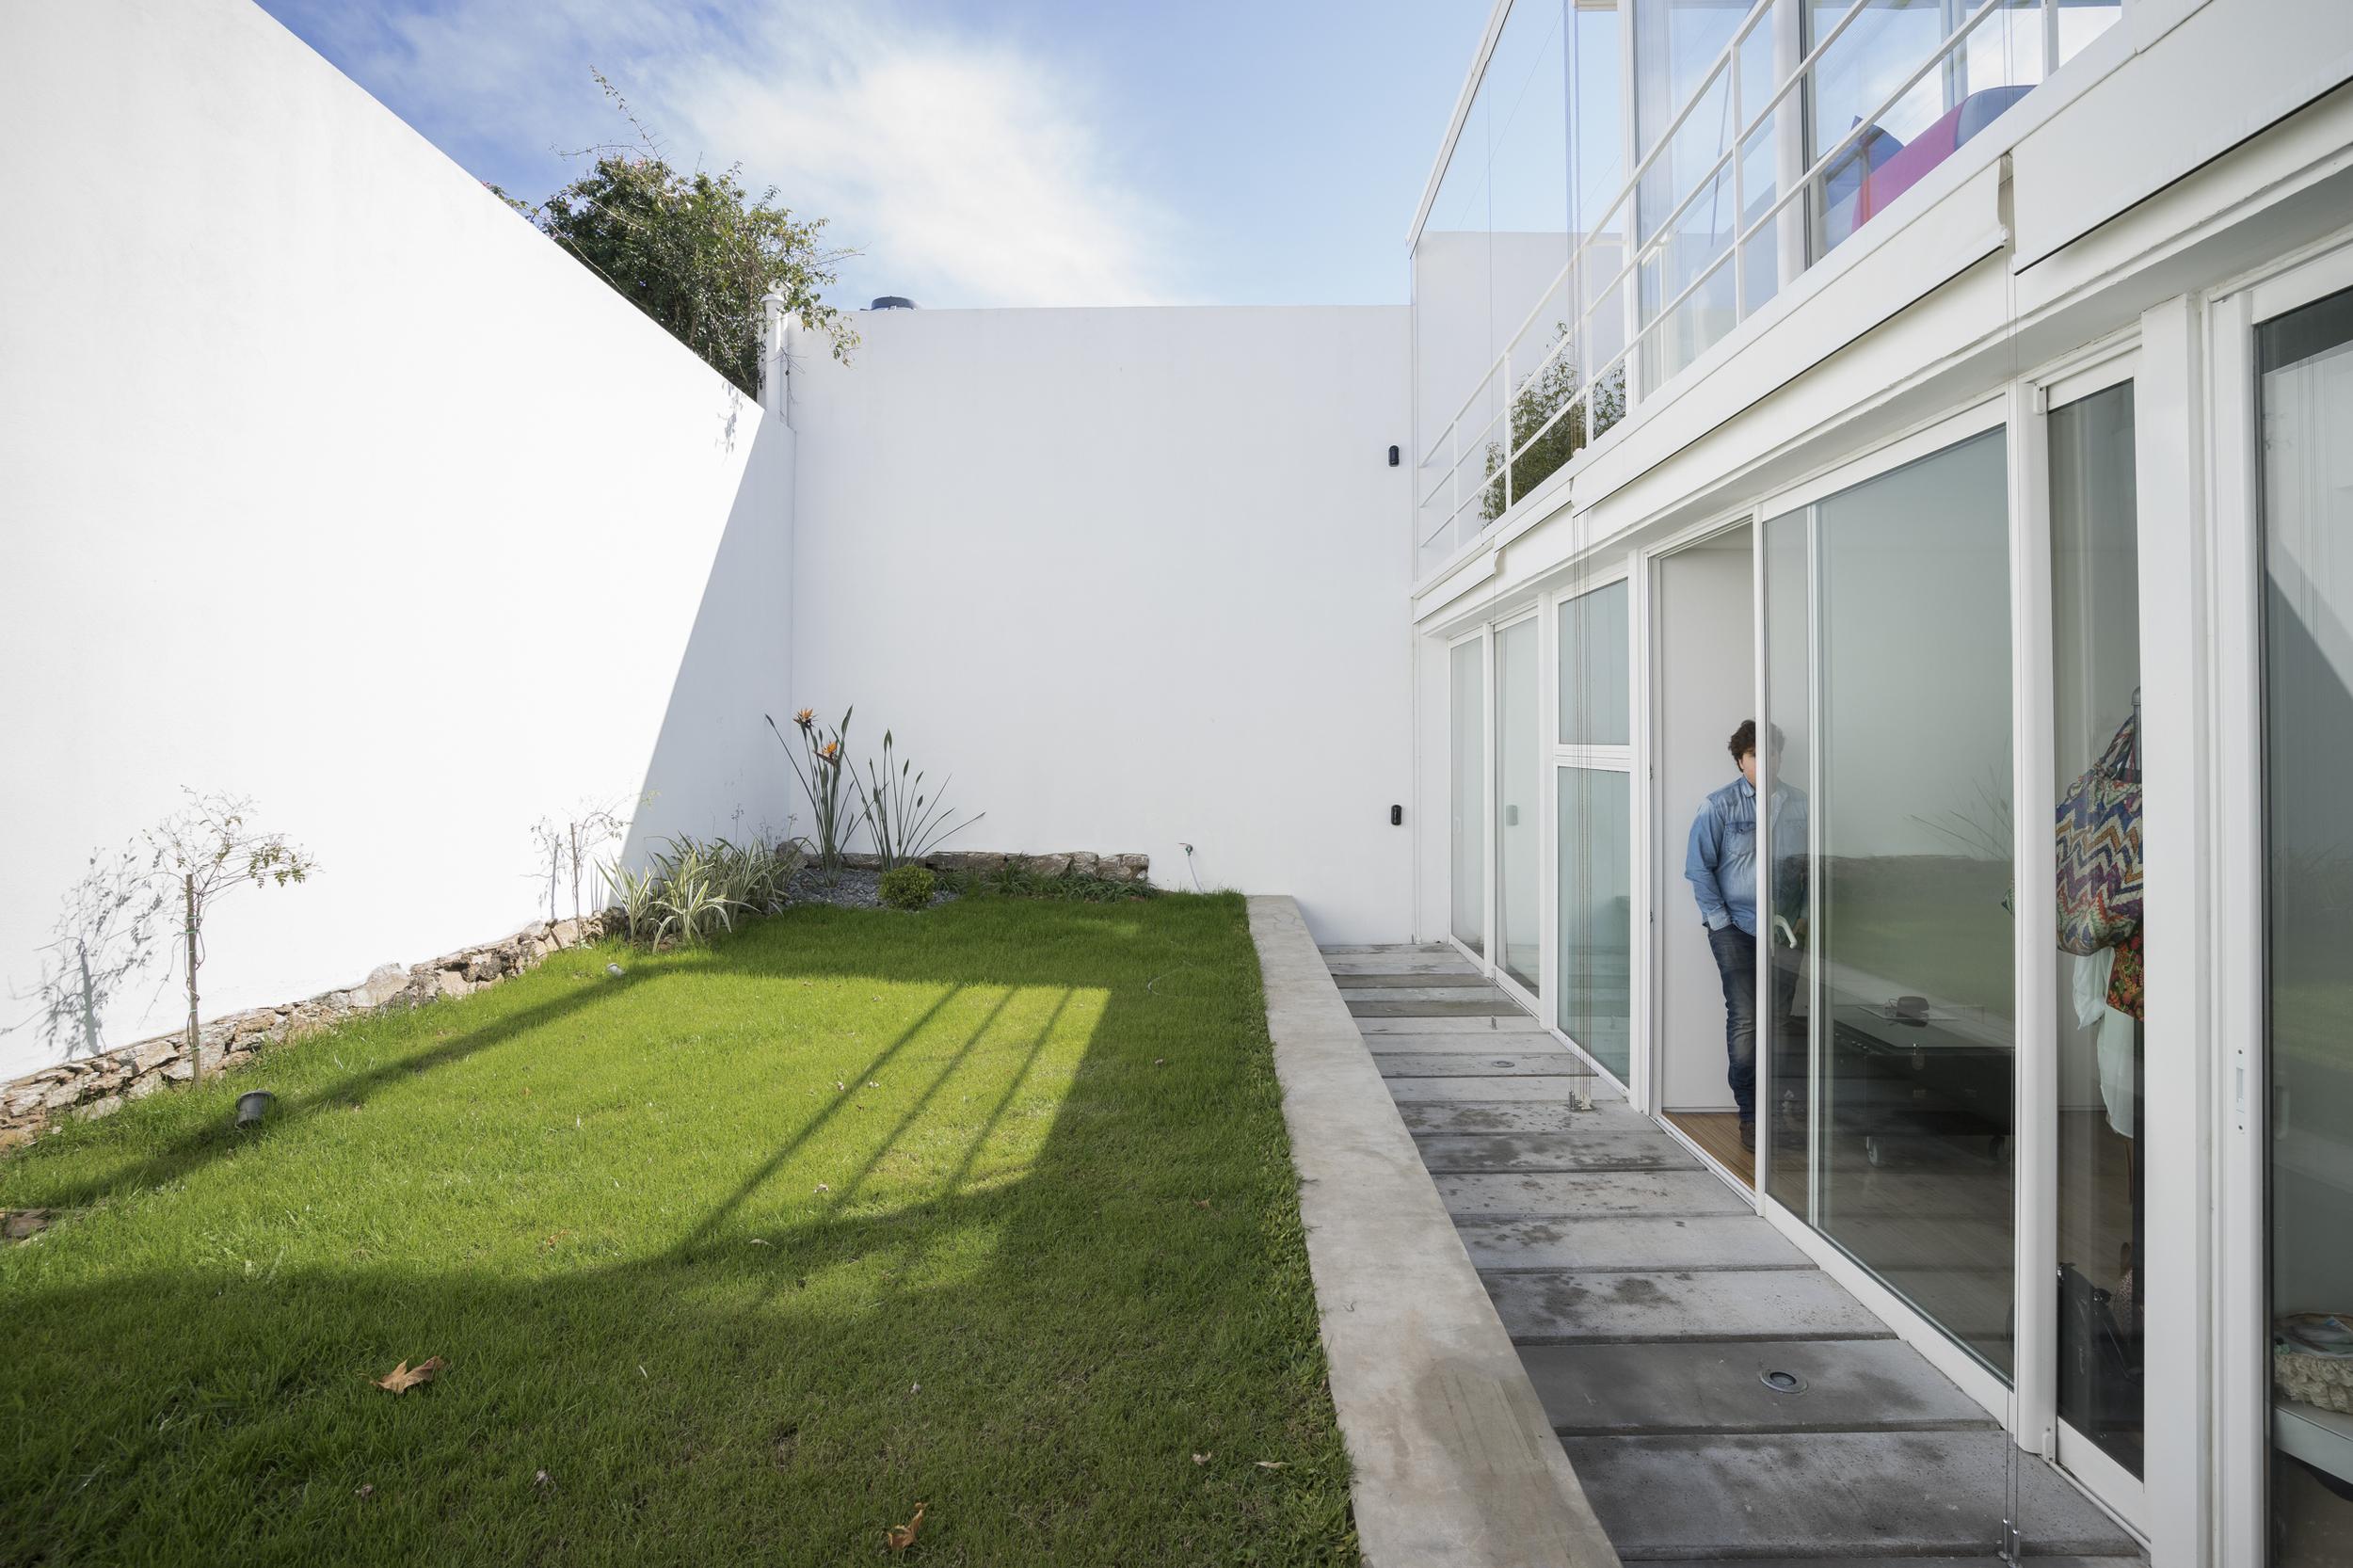 Vivienda Arquitectura Rifa G08, 2013_foto nacho correa_DSC5662.jpg